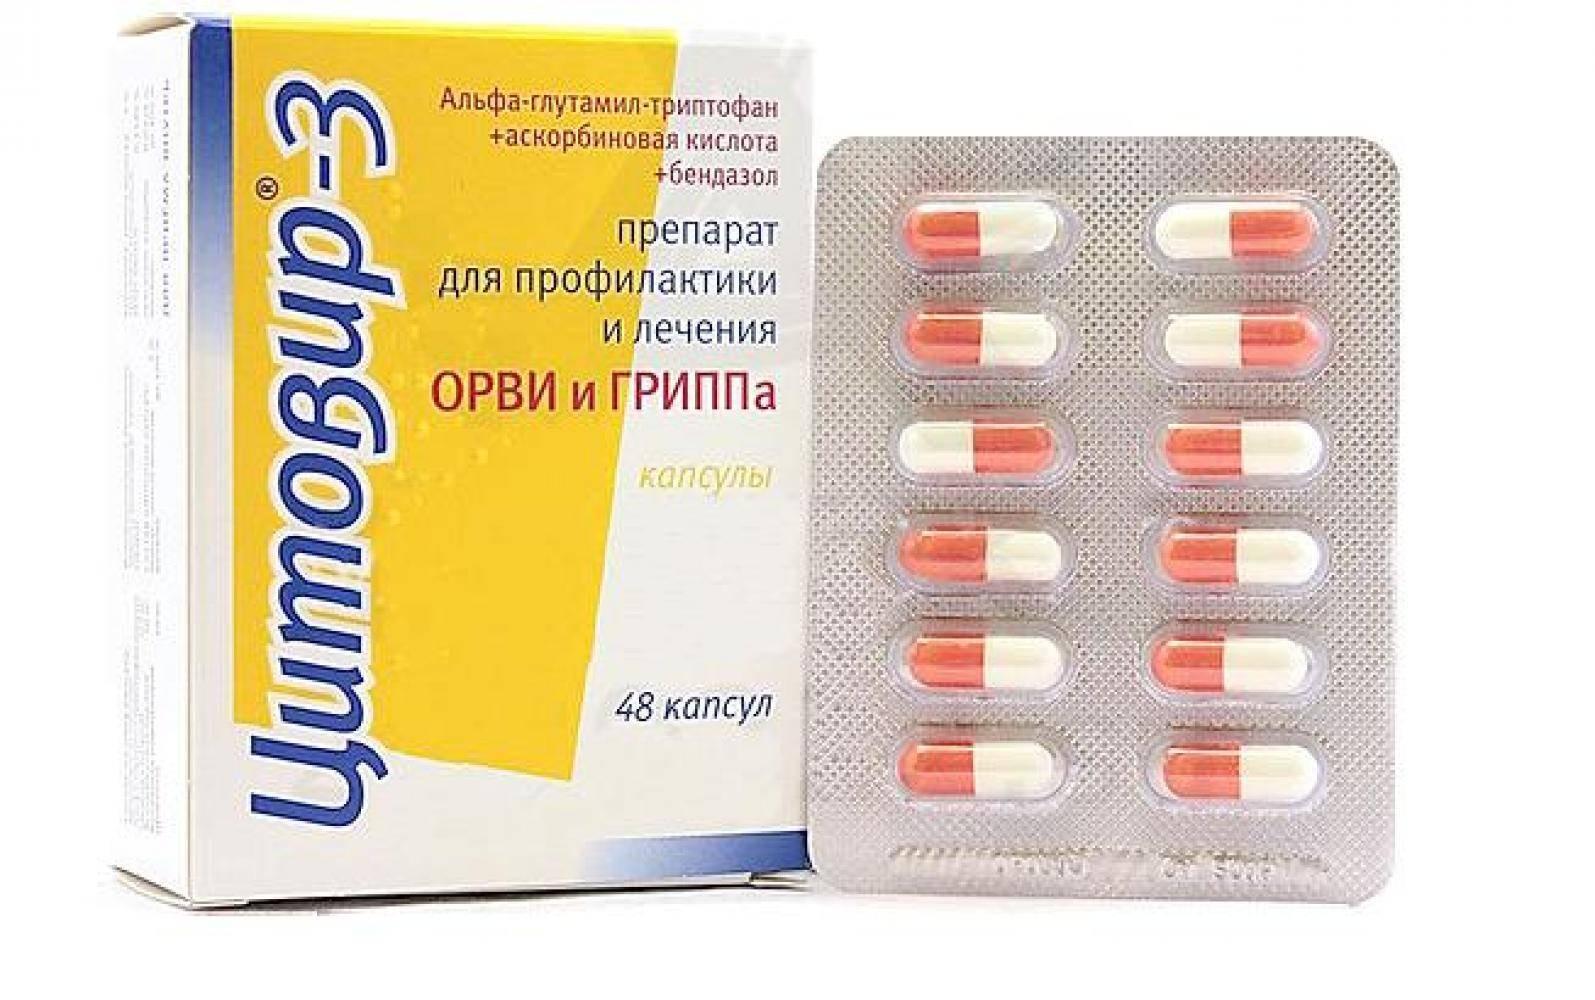 Противовирусные препараты при ротавирусной инфекции